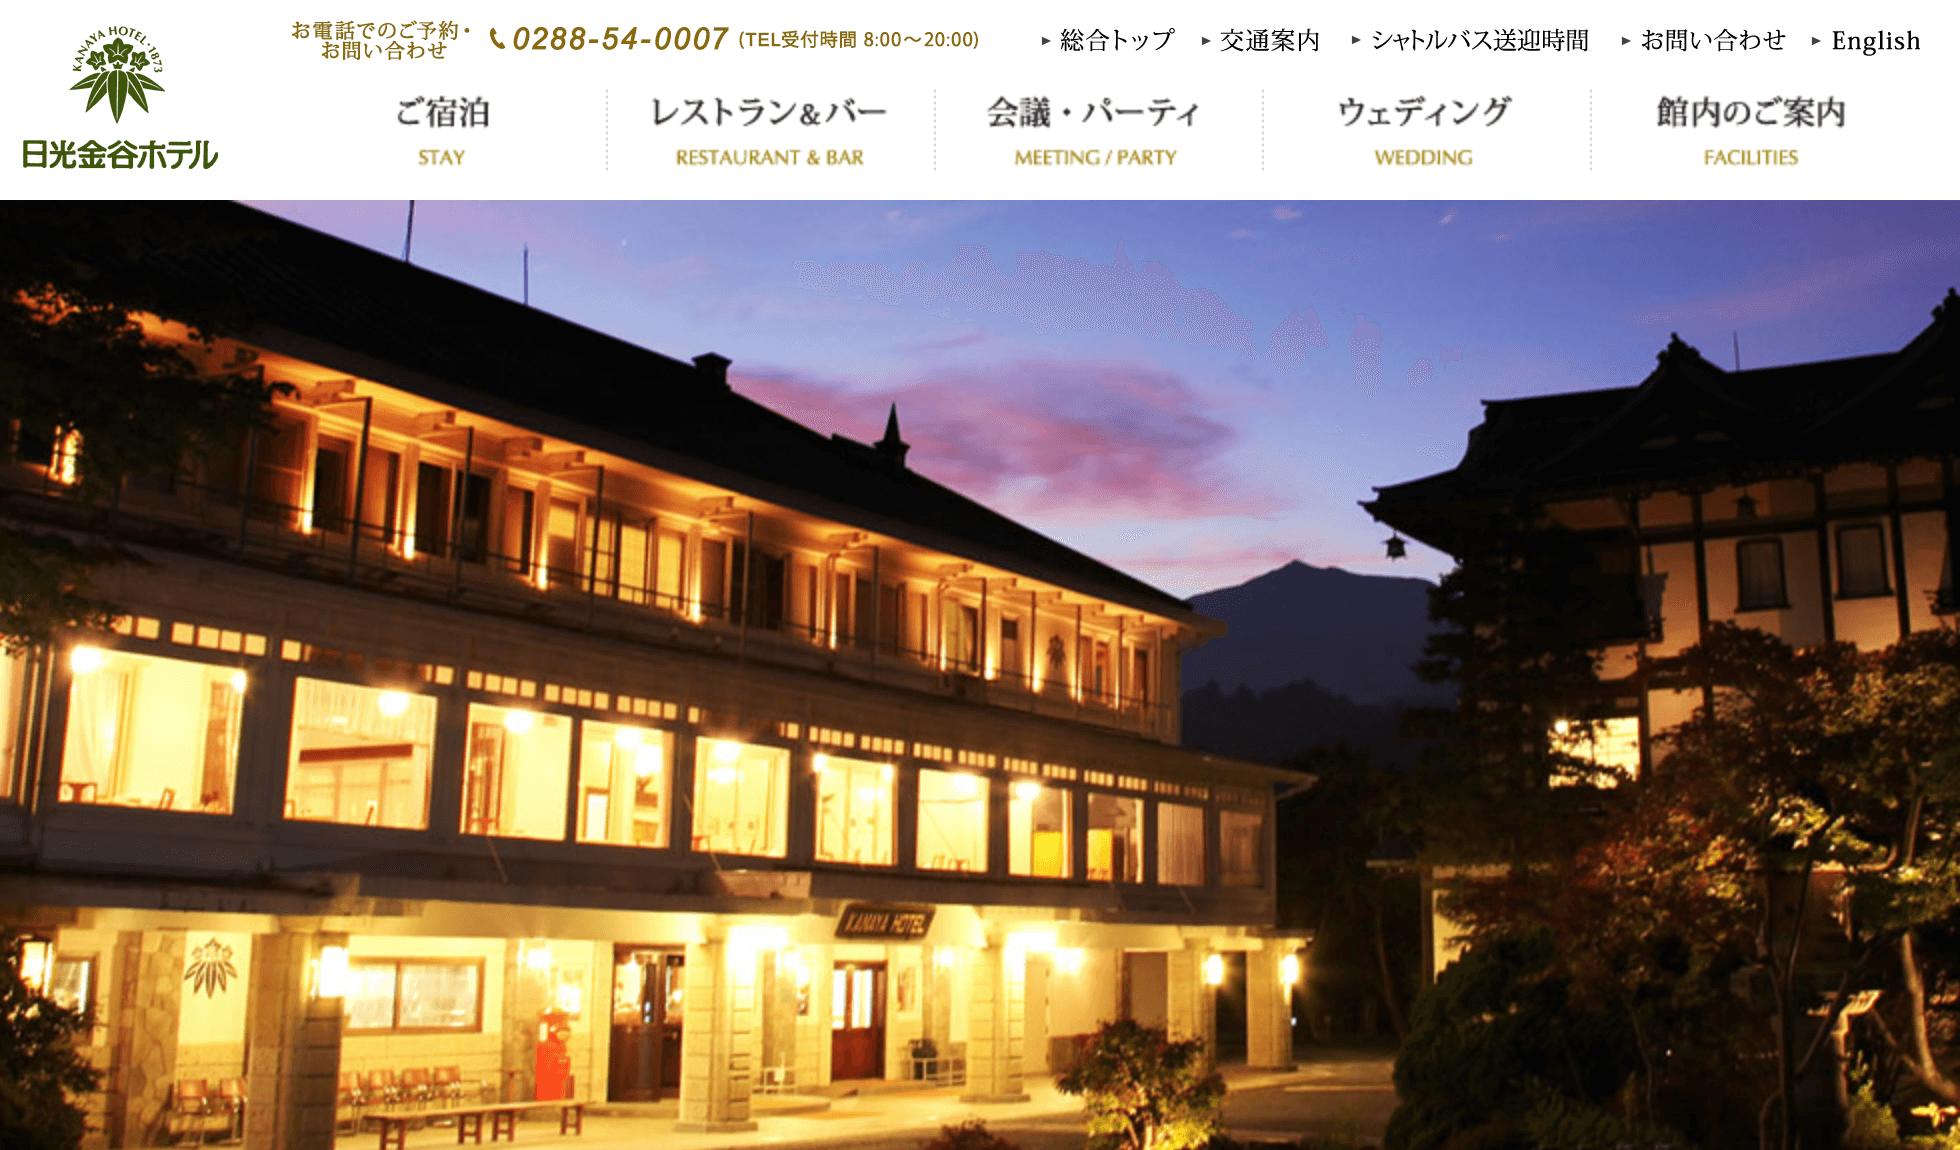 栃木でパパ活におすすめなホテル「日光金谷ホテル」